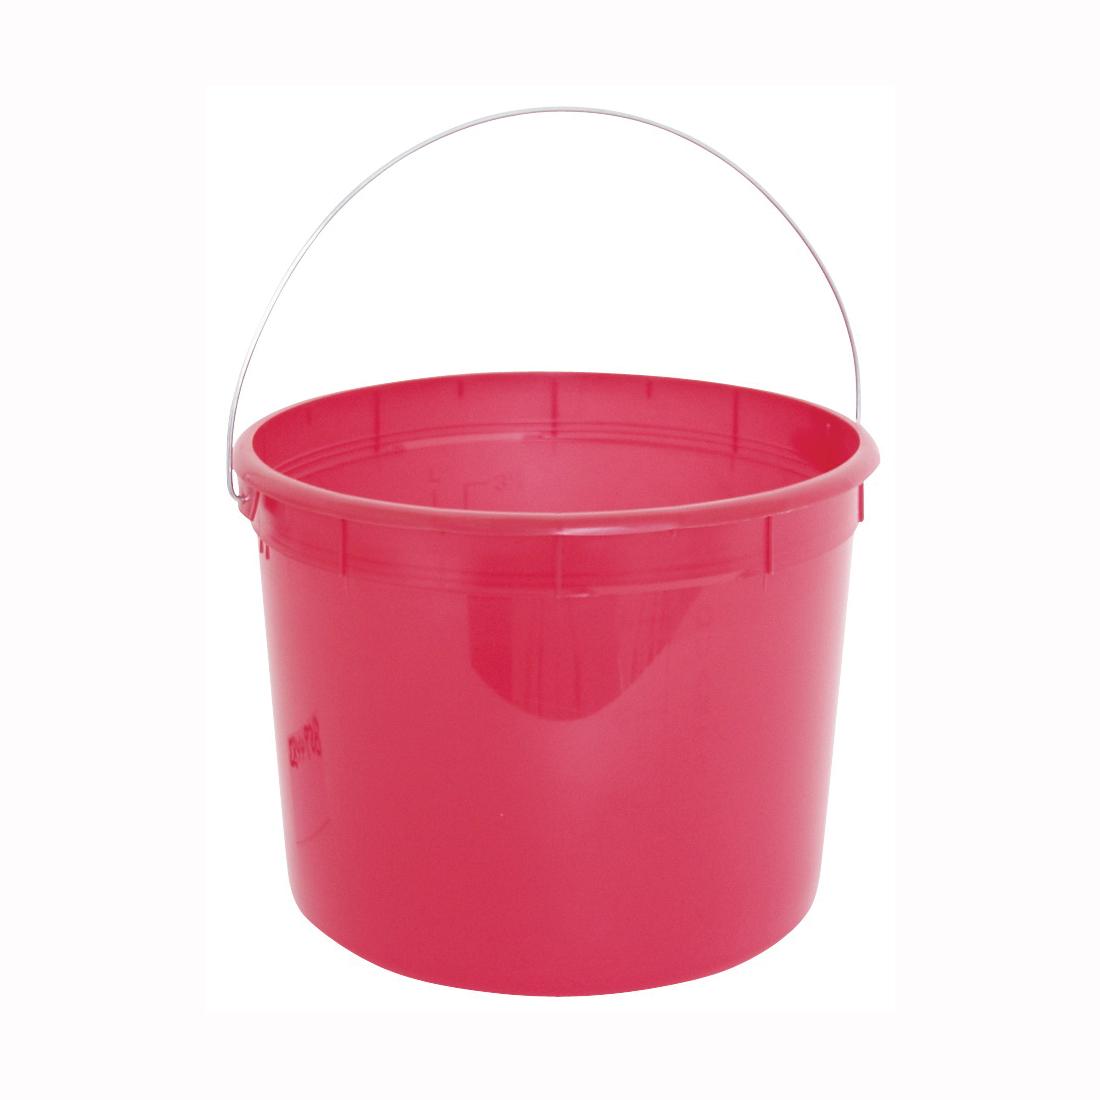 Picture of ENCORE Plastics 05160 Paint Pail, 5 qt Capacity, Plastic, Red